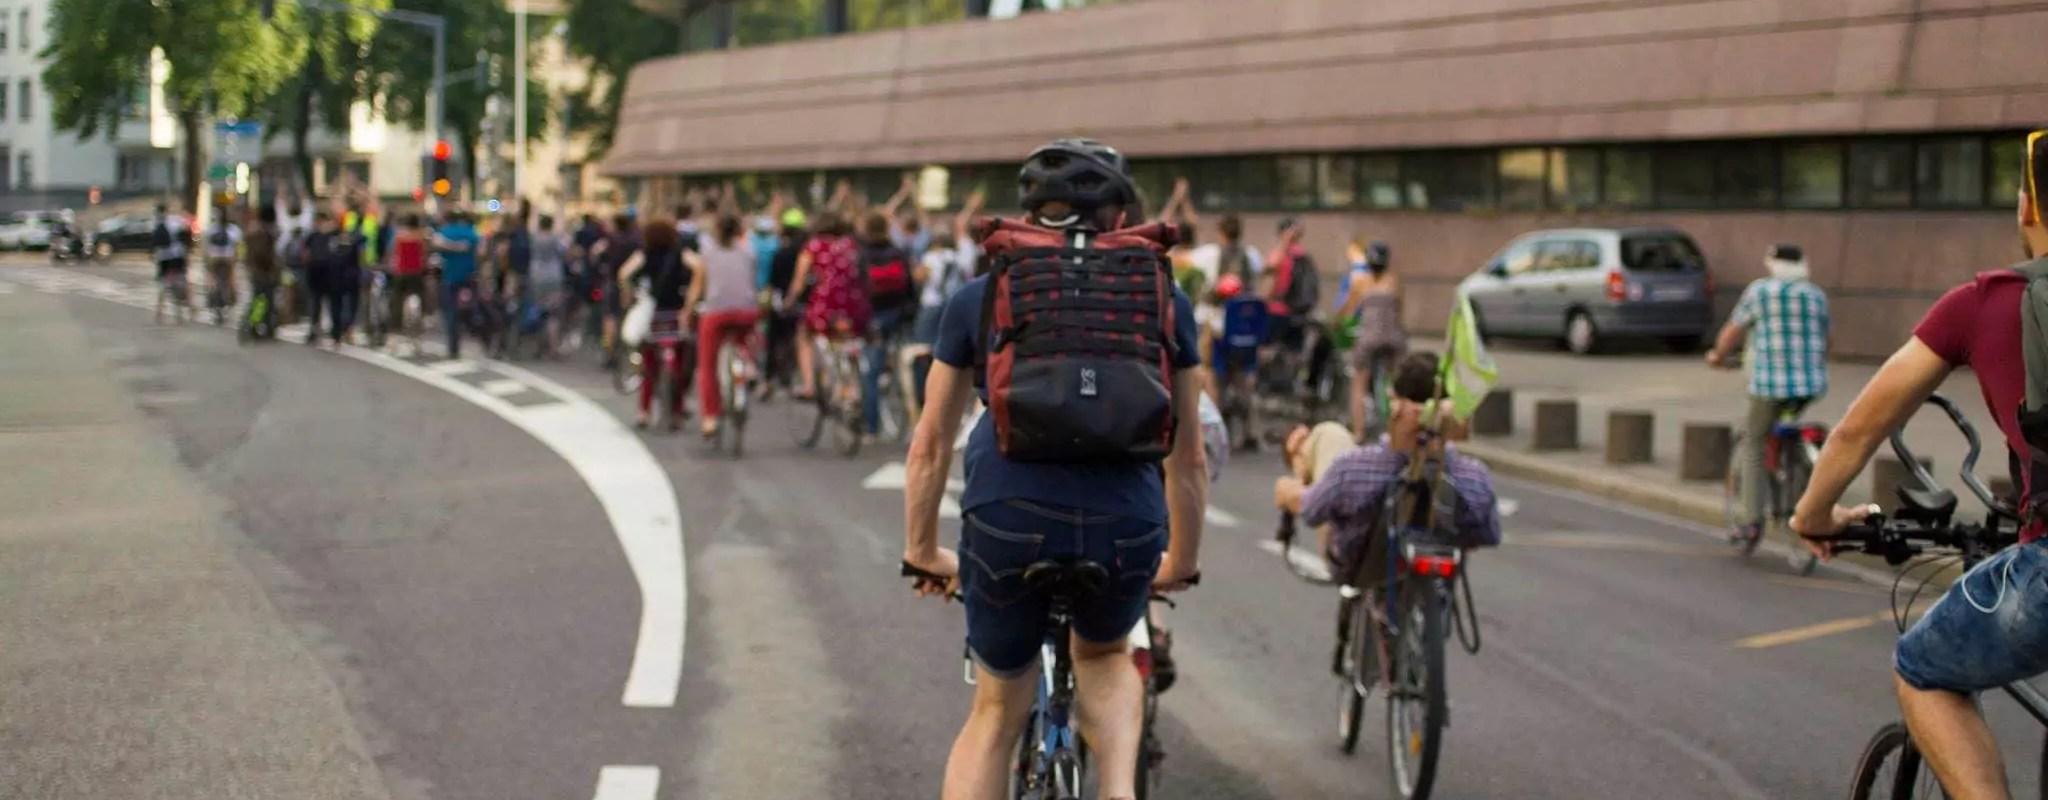 Manifestation à vélo vendredi, pour que Schiltigheim devienne cyclable